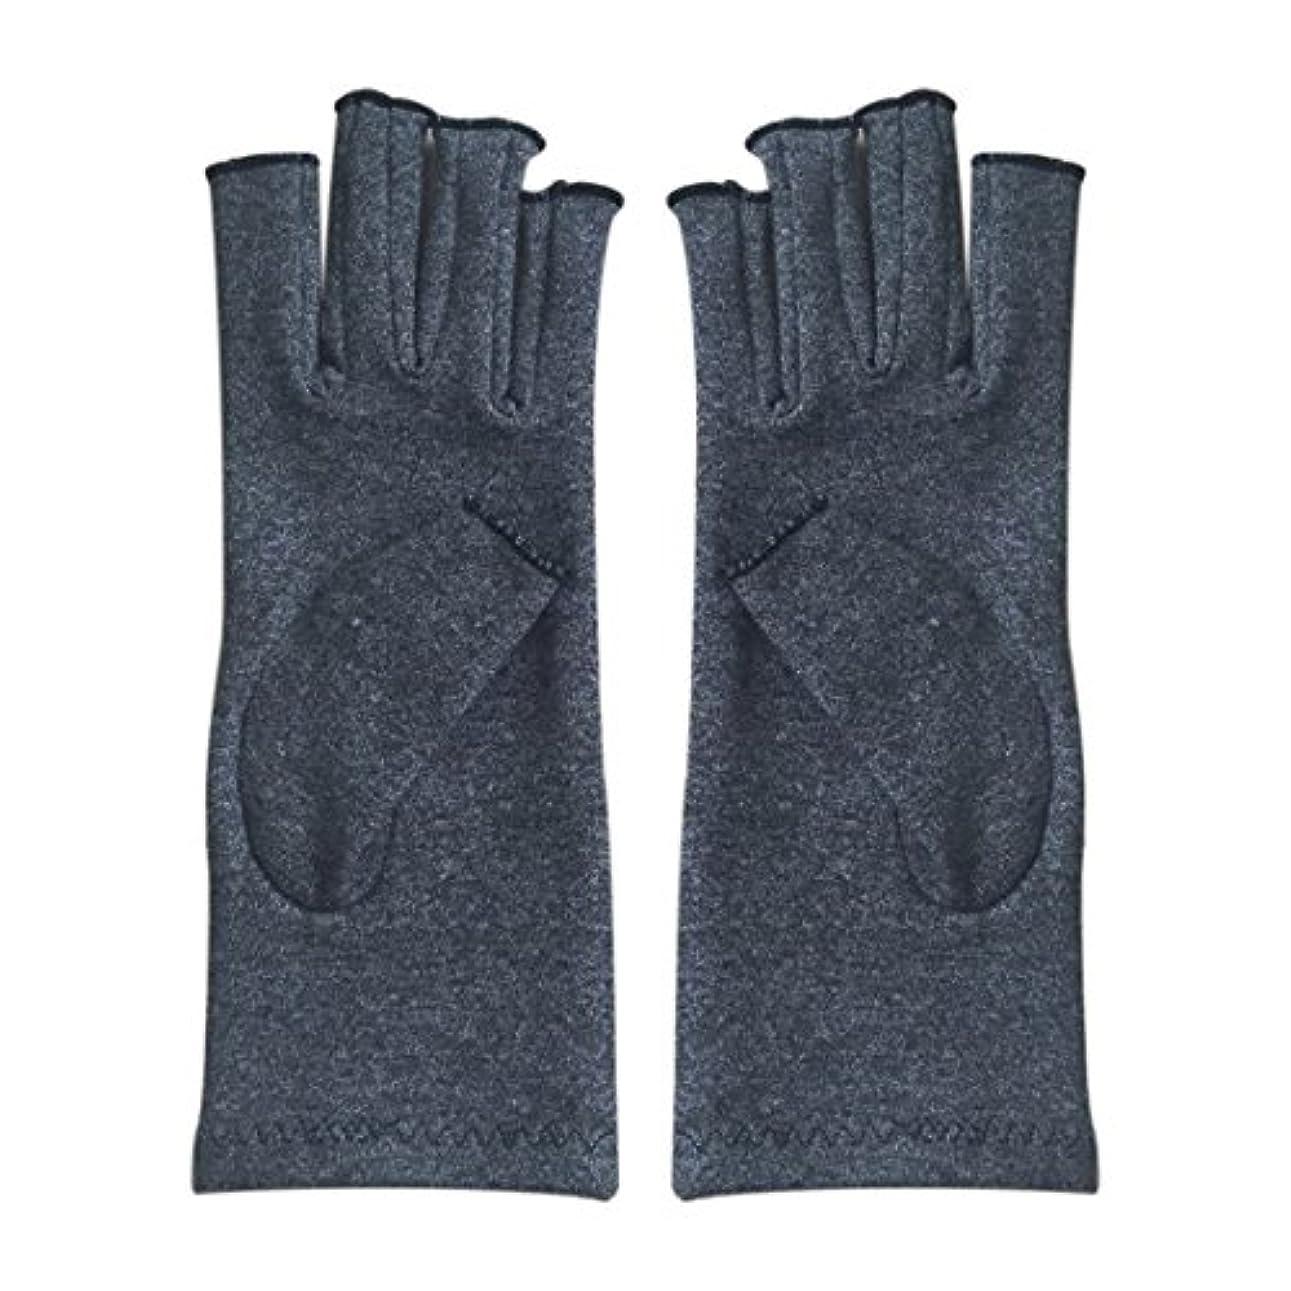 降臨メディック無意識TOOGOO ペア 弾性コットンコンプレッション手袋 ユニセックス 関節炎 関節痛 鎮痛 軽減 S 灰色